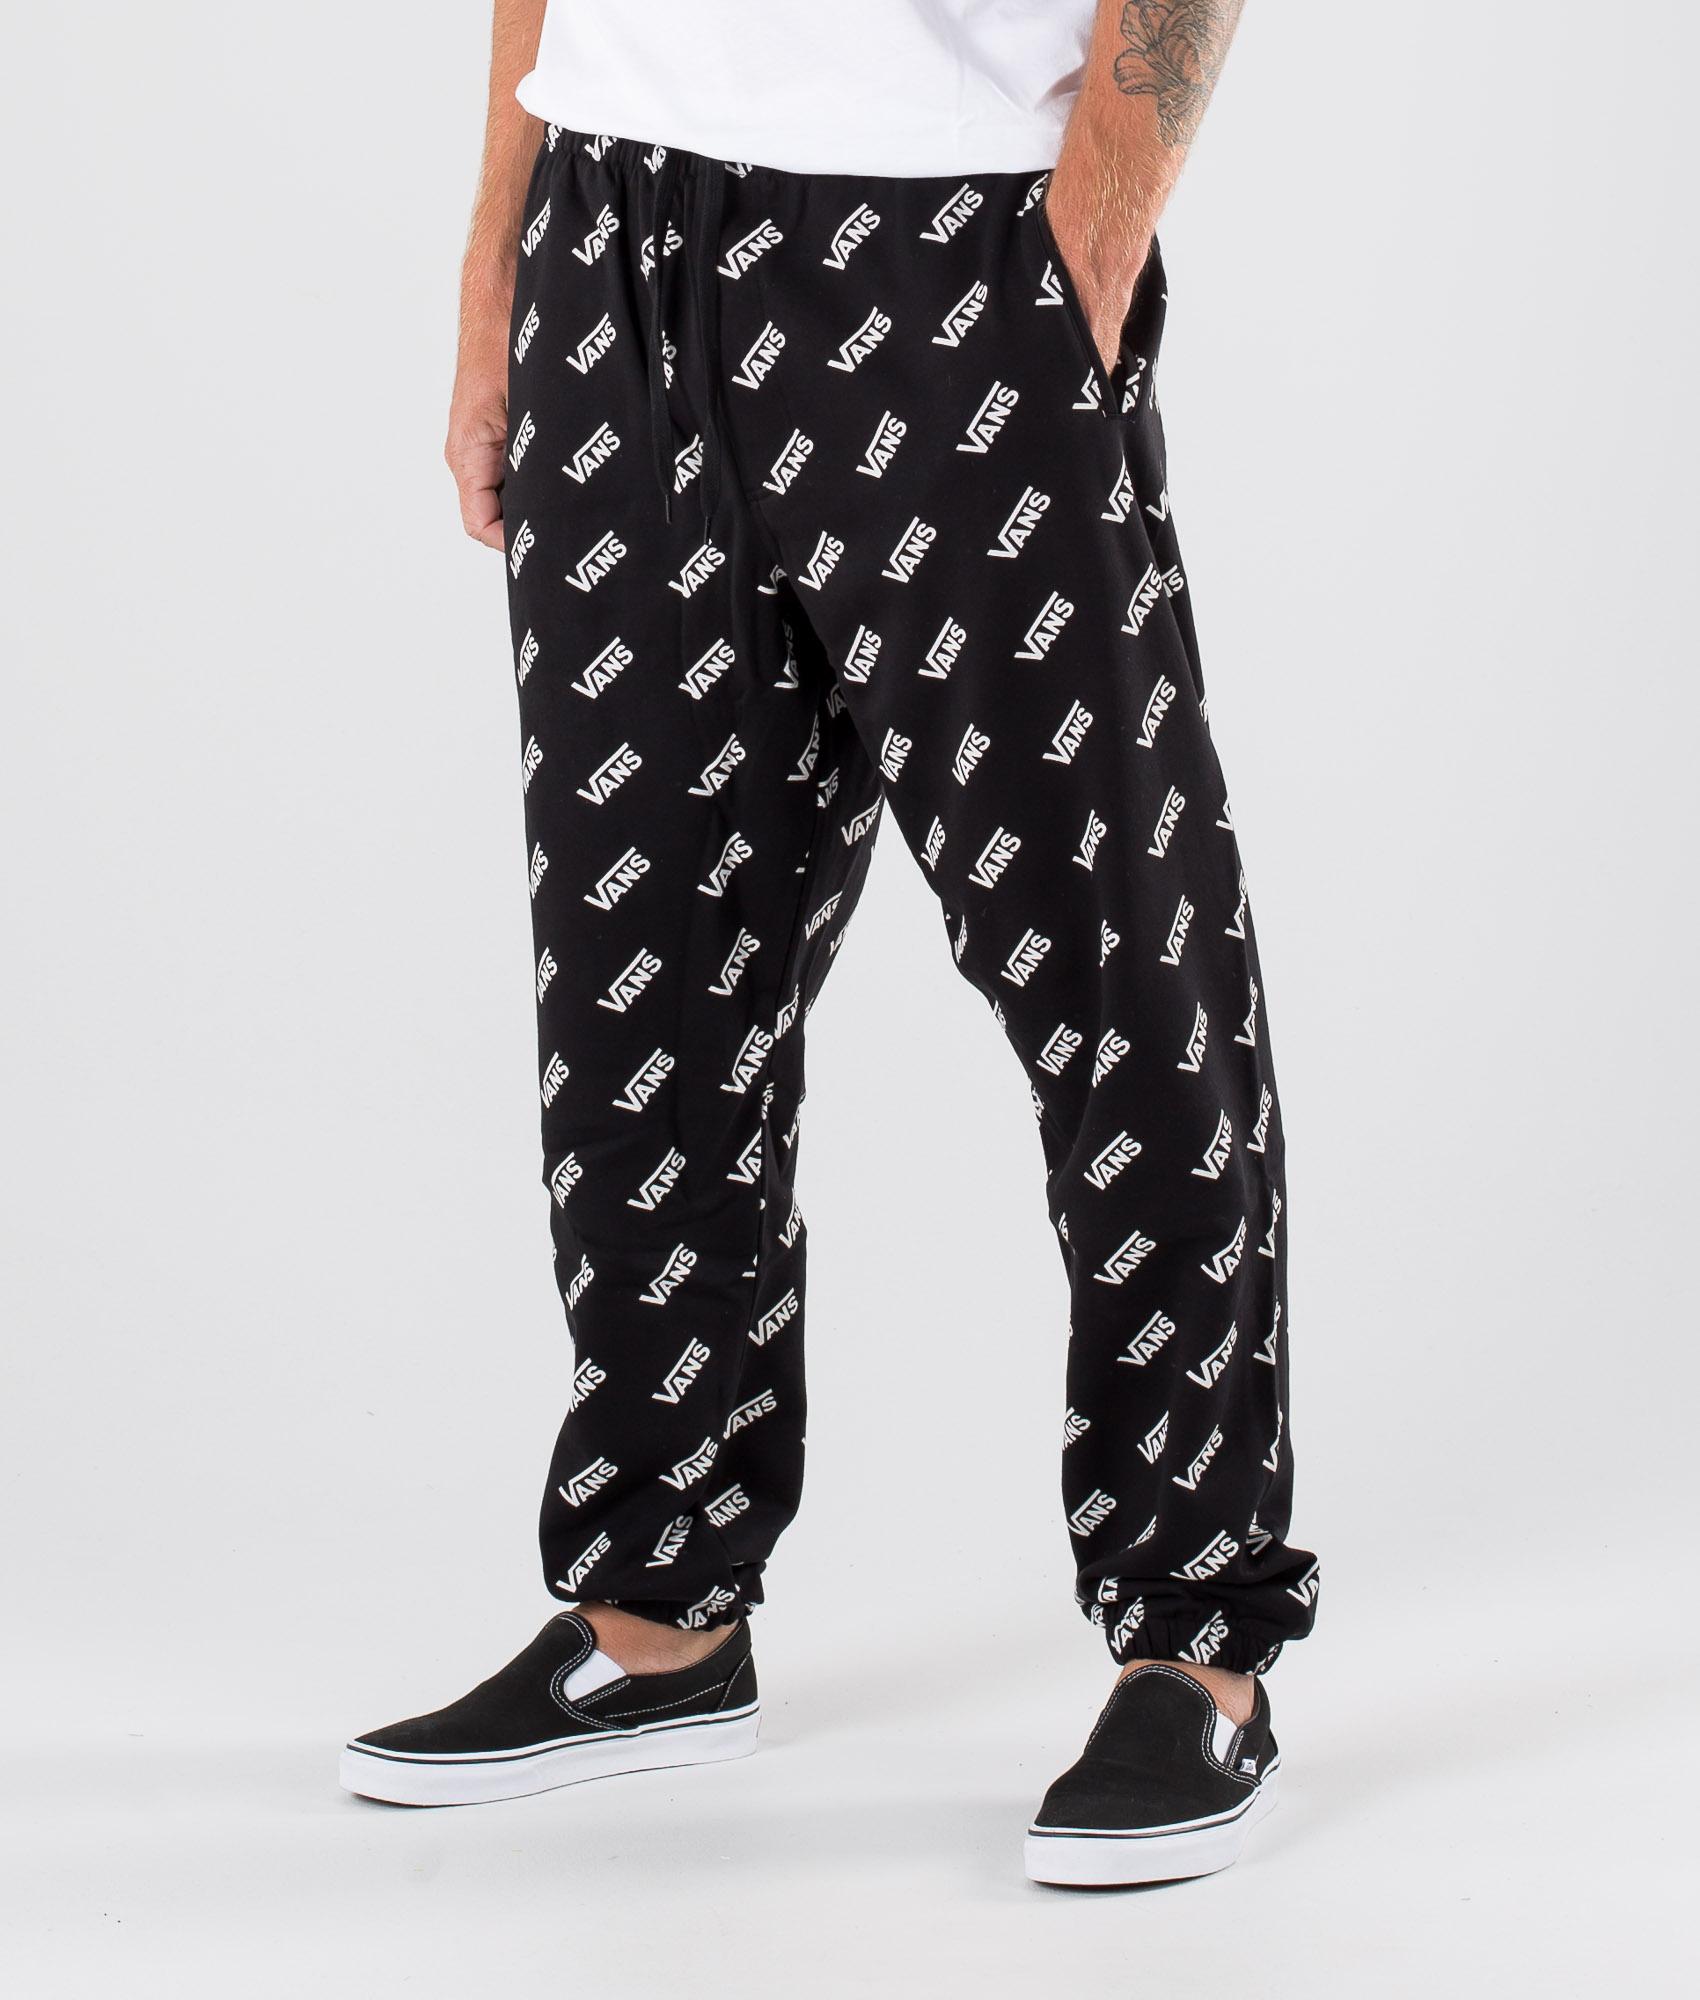 Pantalon Homme Streetwear | Livraison Gratuite | RIDESTORE